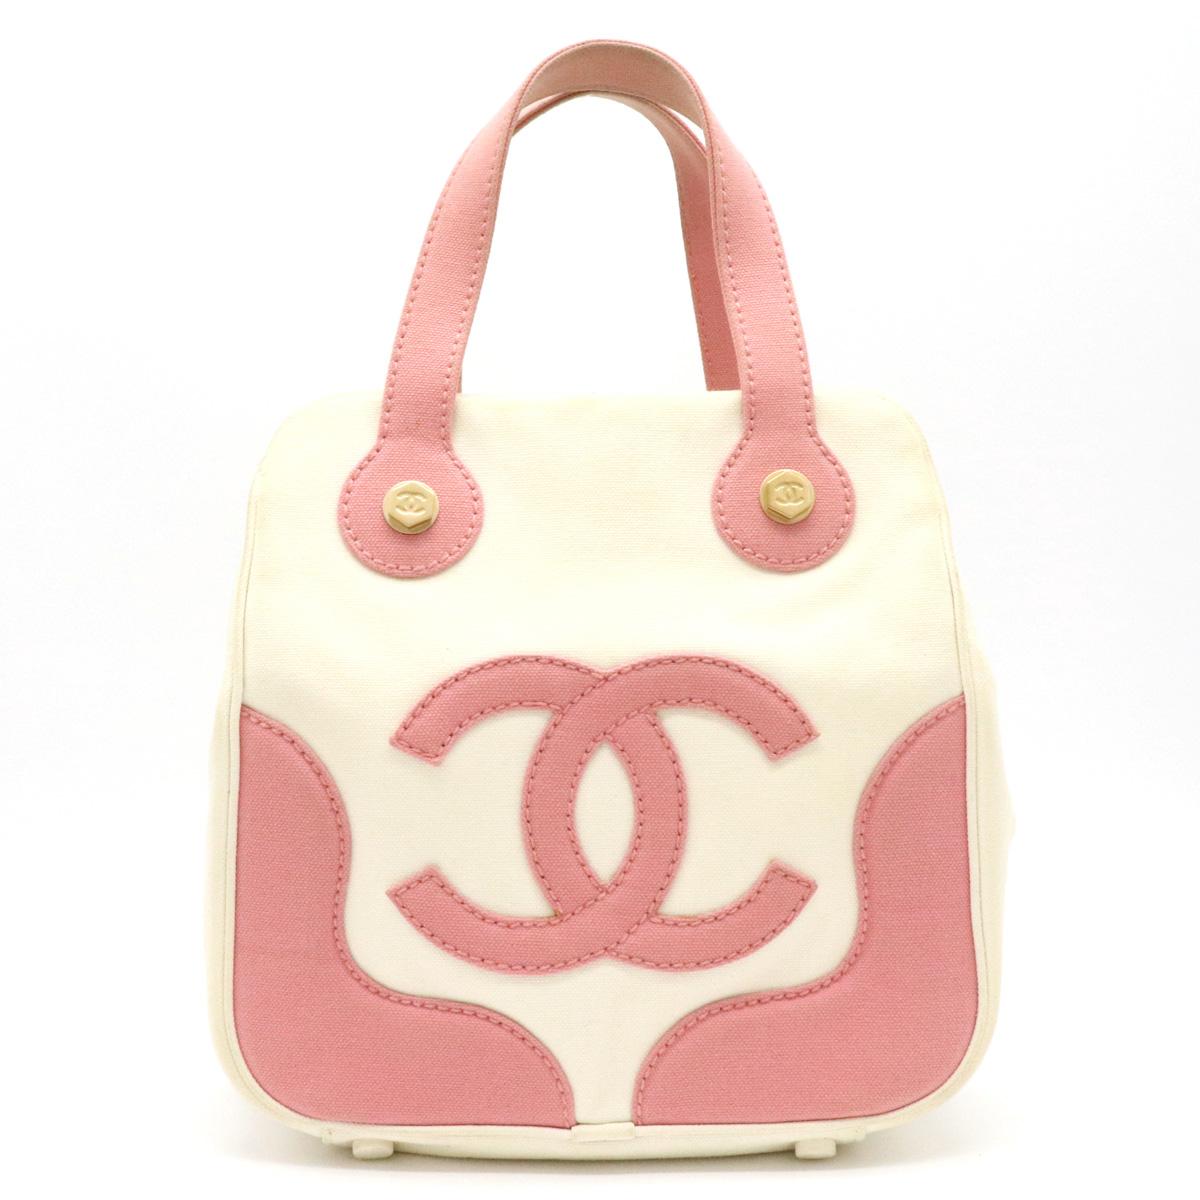 【バッグ】CHANEL シャネル ココマーク トート トートバッグ ハンドバッグ キャンバス ホワイト 白 ピンク 【中古】